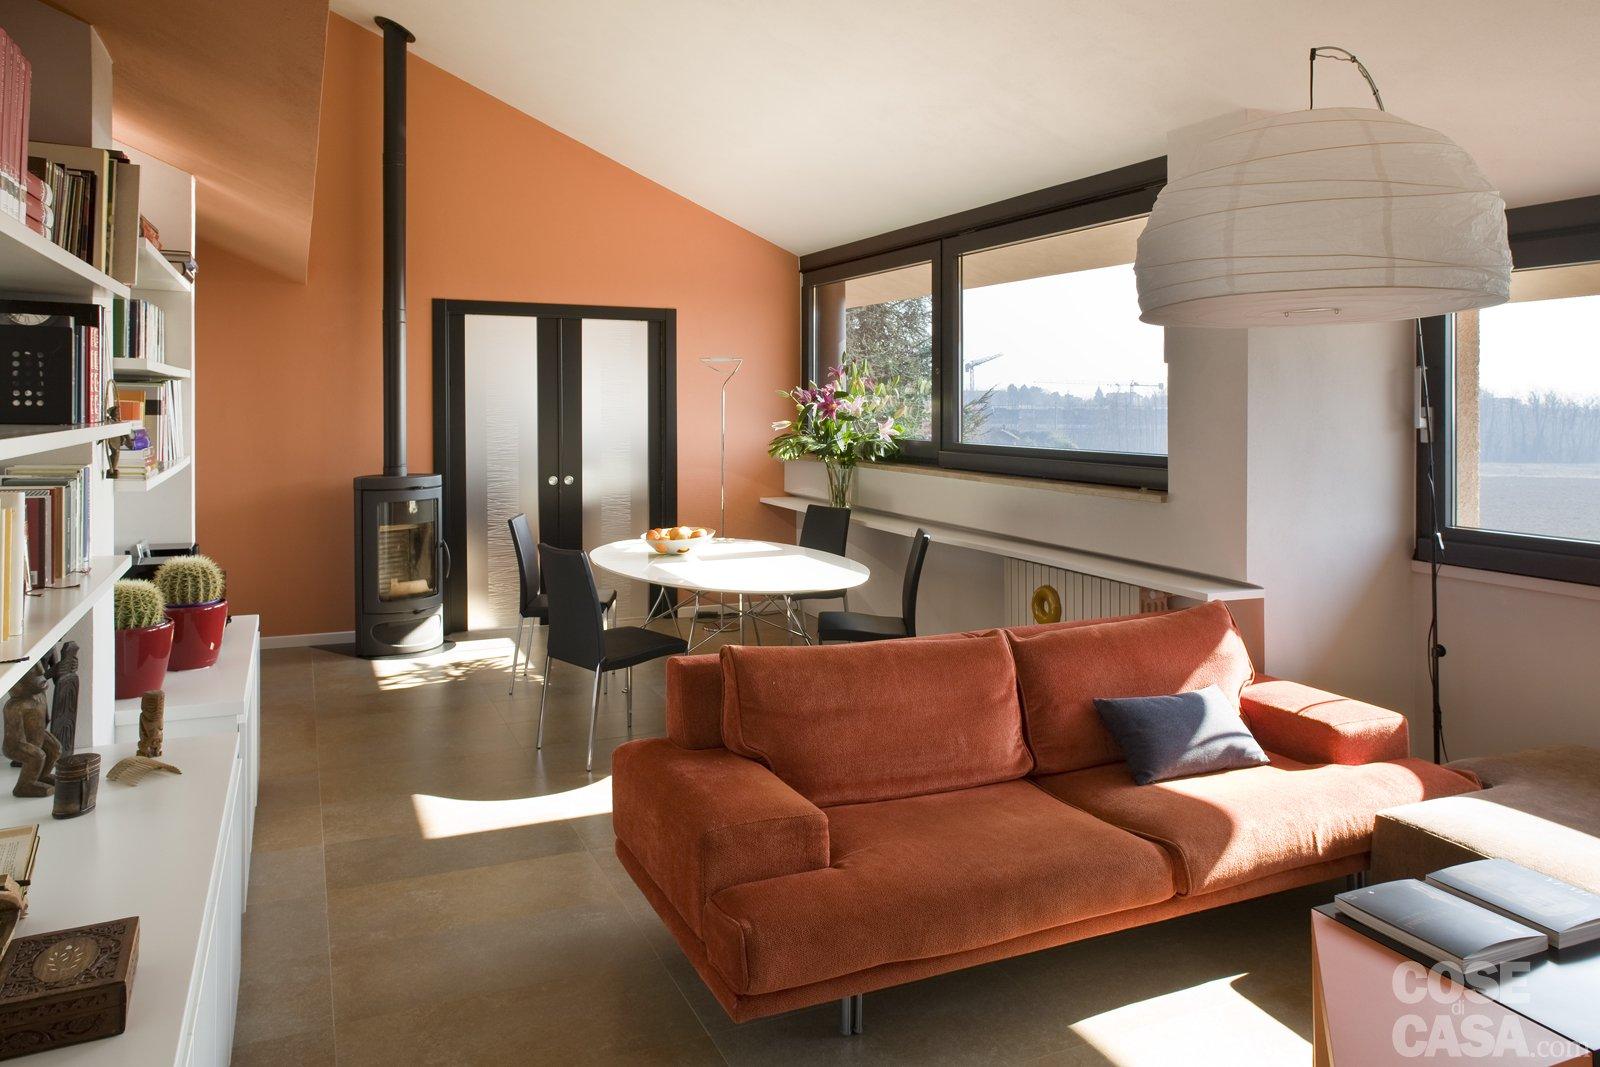 Casa in mansarda con le soluzioni giuste per gli spazi for Foto moderne